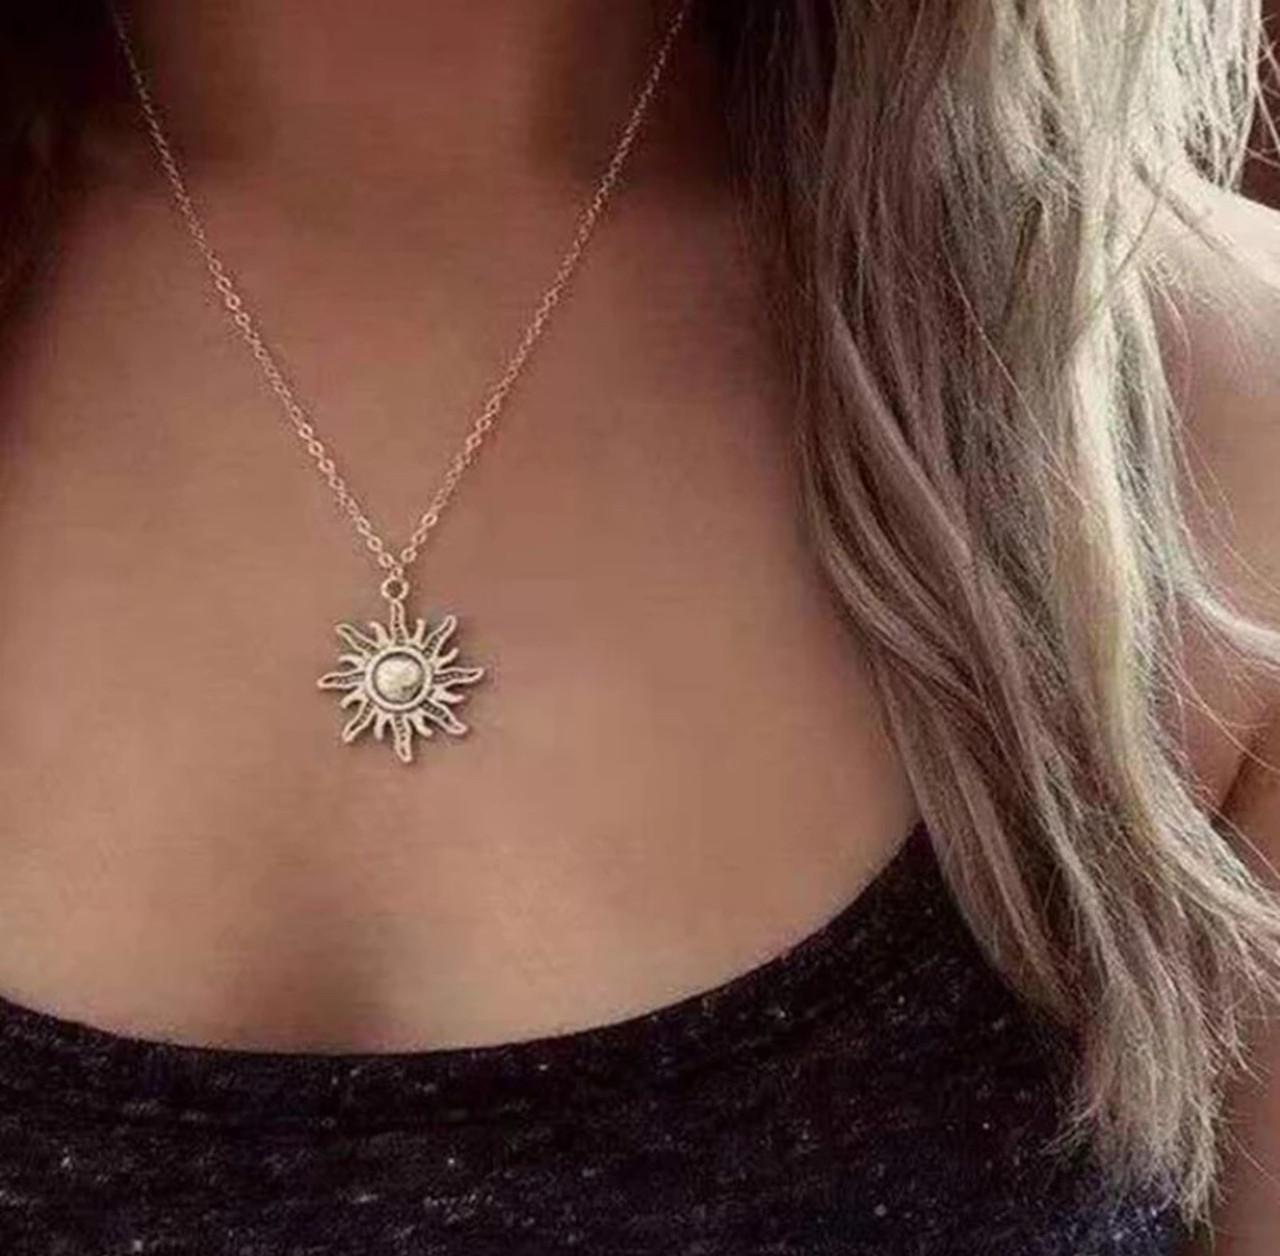 Ланцюжок кулон намисто сонце дуже красиве